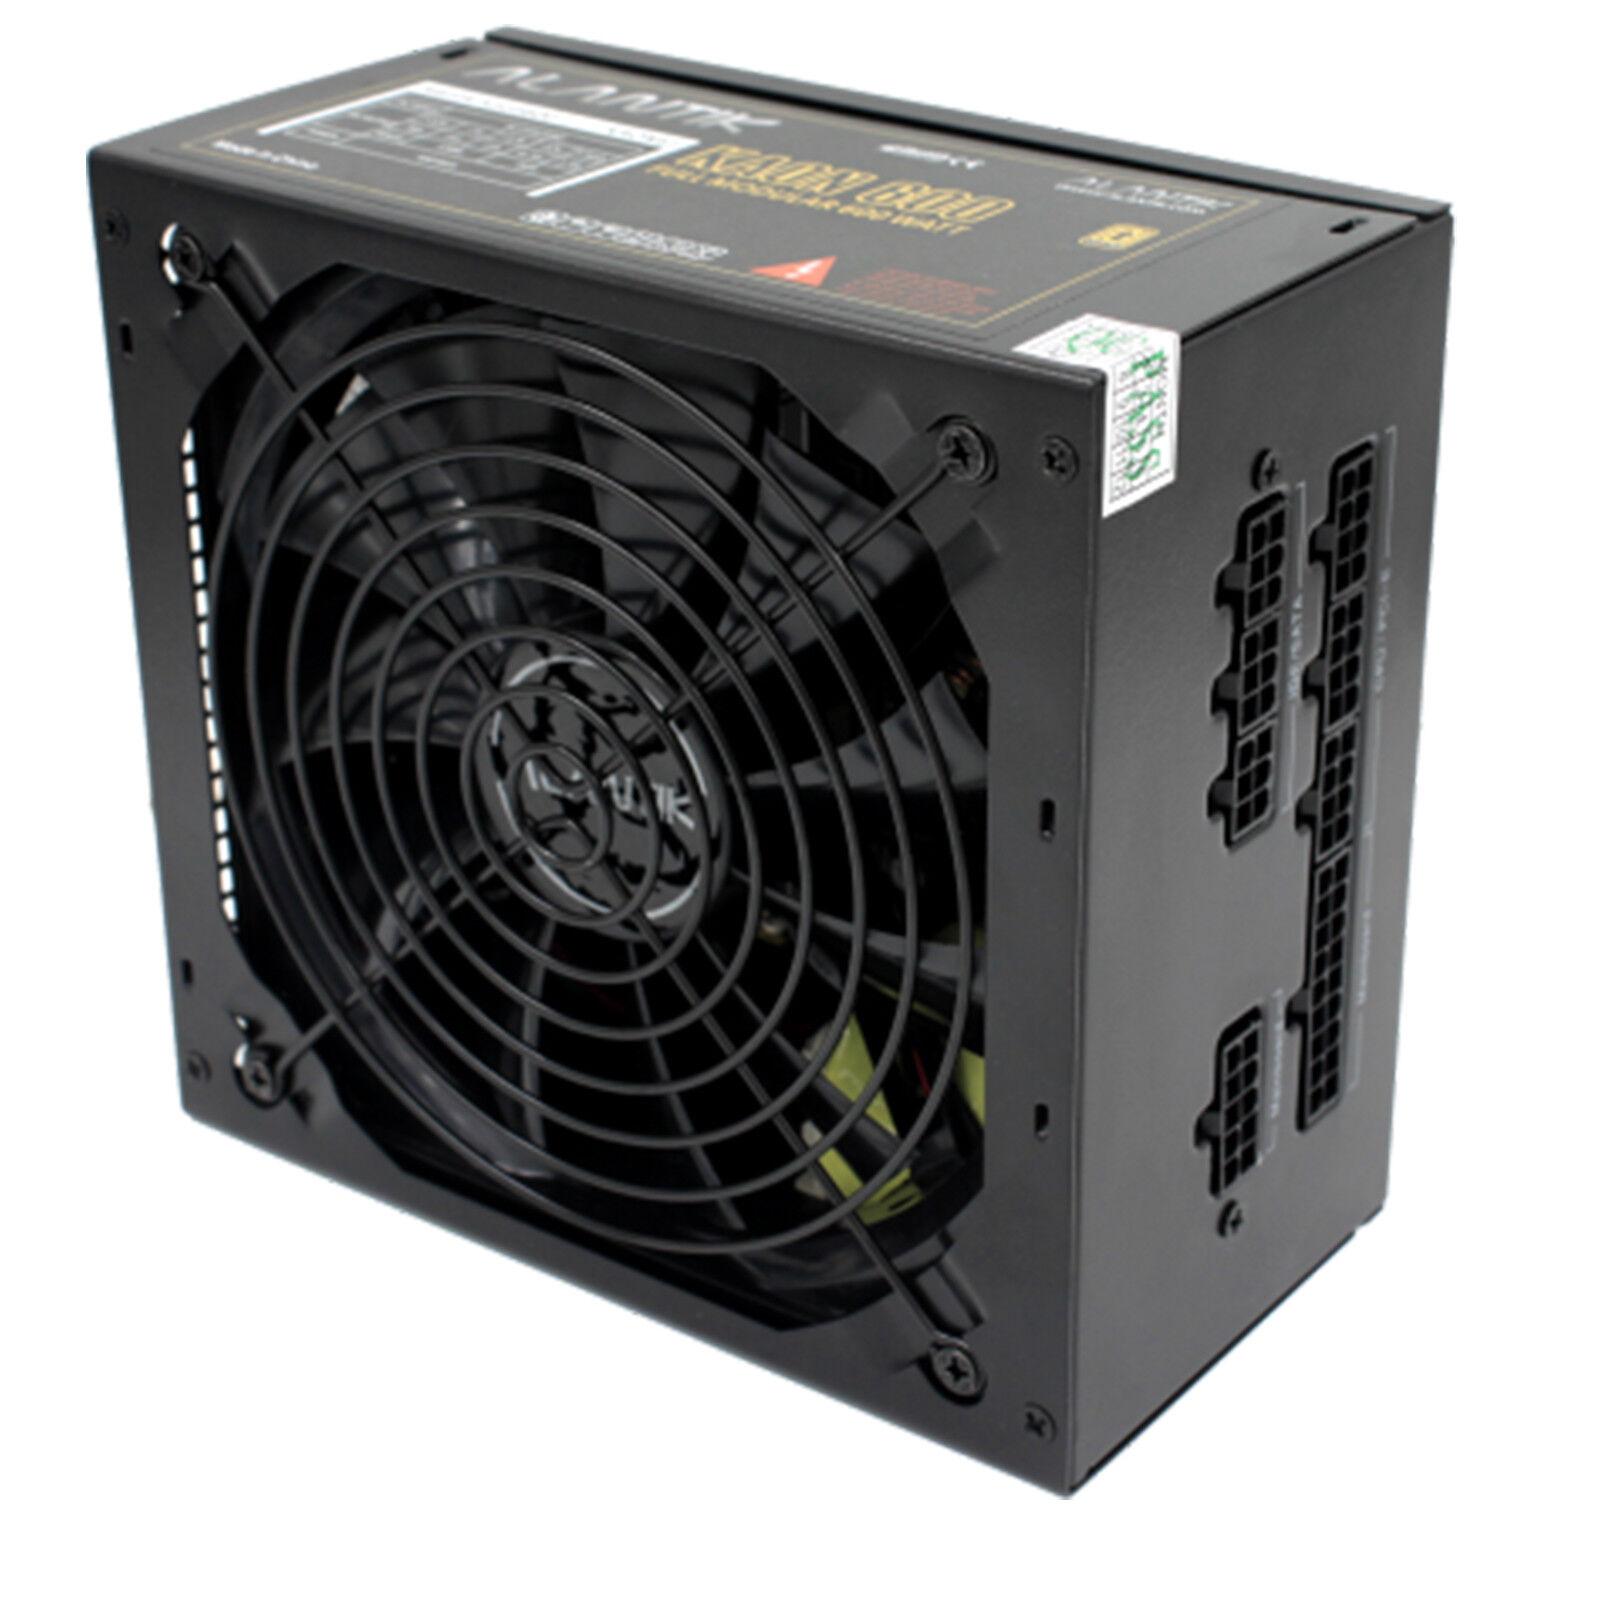 ALIMENTATORE MODULARE PC COMPUTER ATX ALANTIK 600W SATA IDE MOLEX VENTOLA 14CM